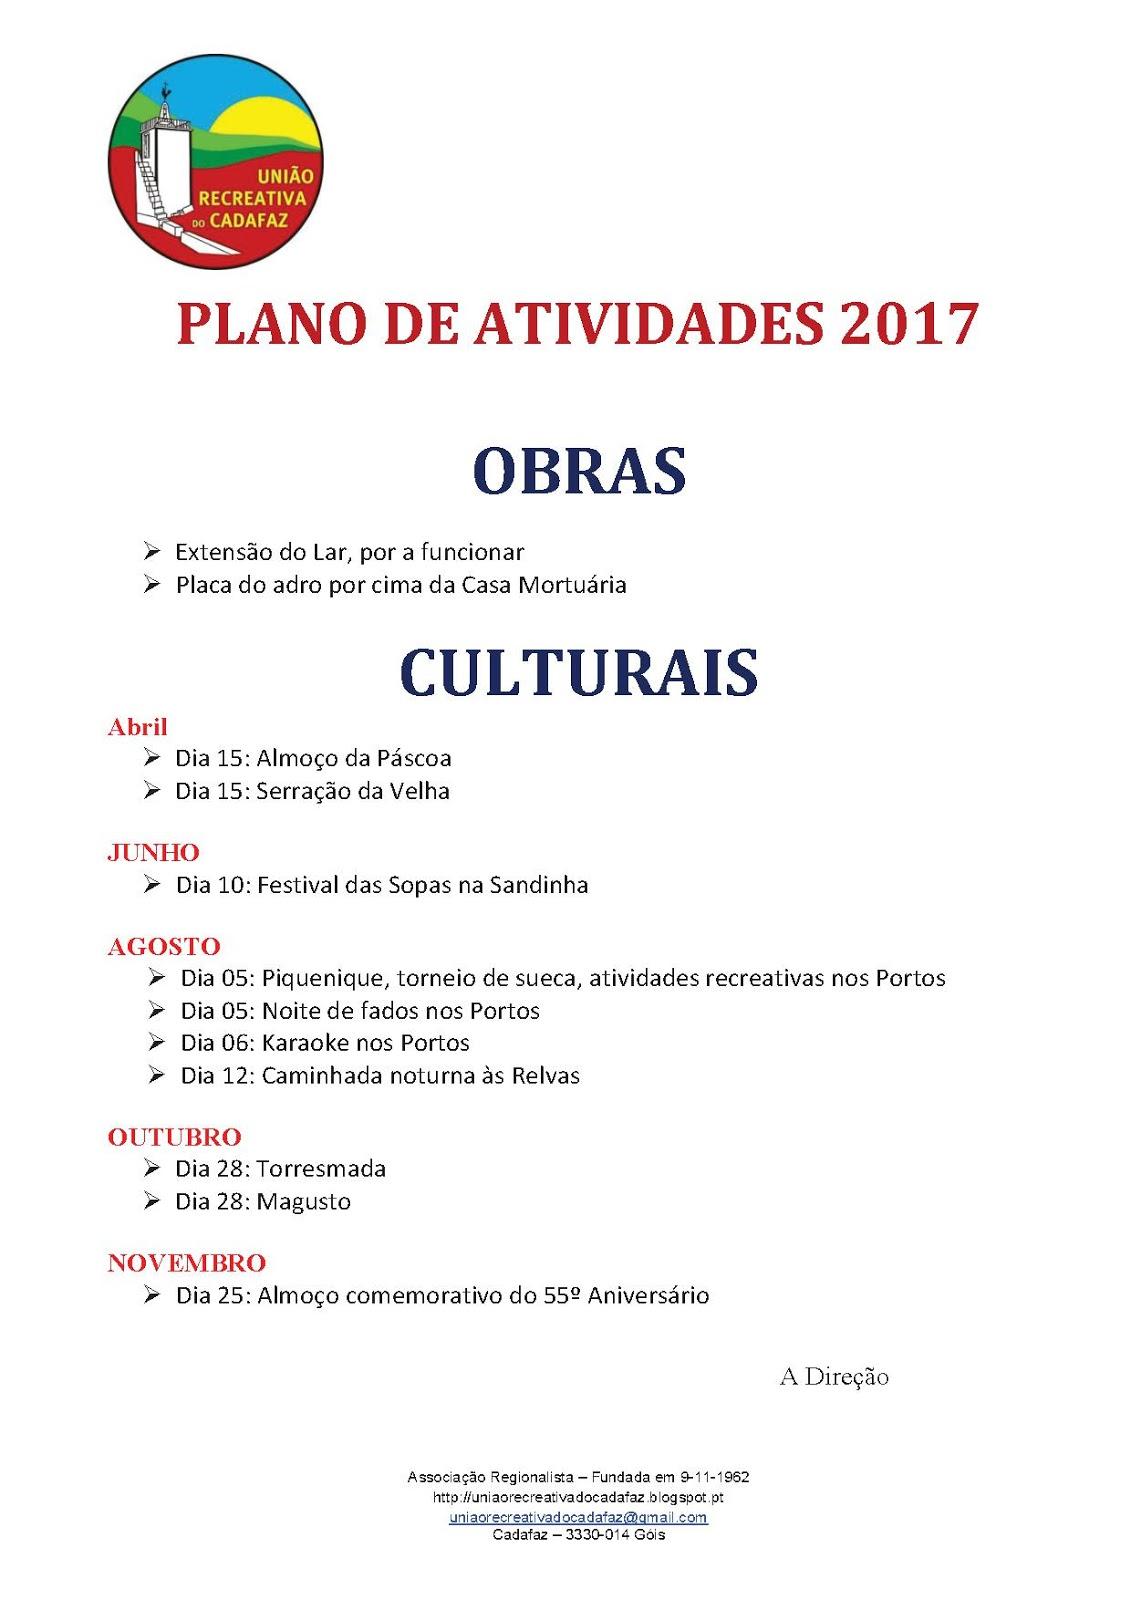 a8e36bfafa UNIÃO RECREATIVA DO CADAFAZ  Plano de Atividades 2017